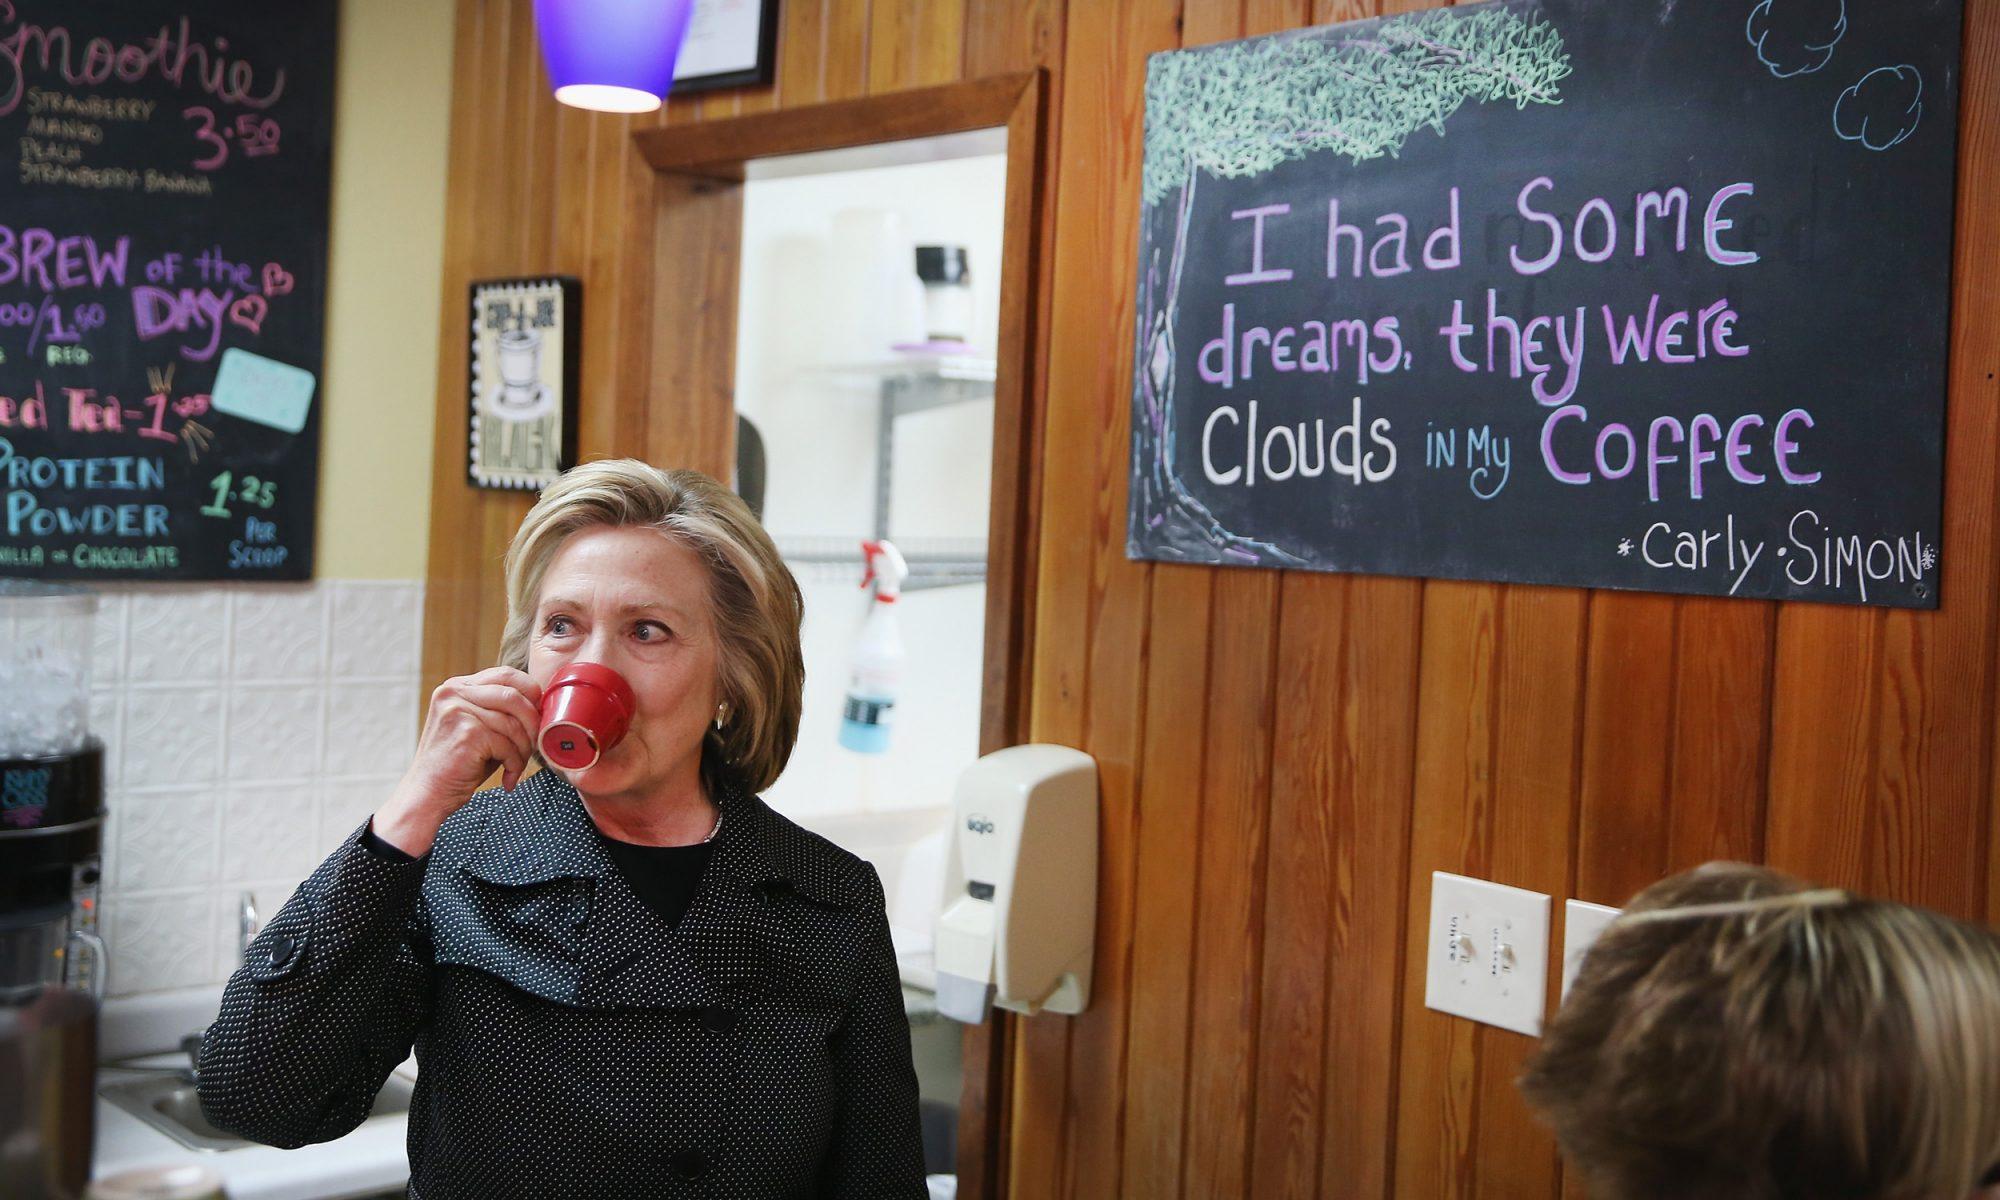 EC: Hillary Clinton's Solo Breakfast Isn't Sad, It's Zen